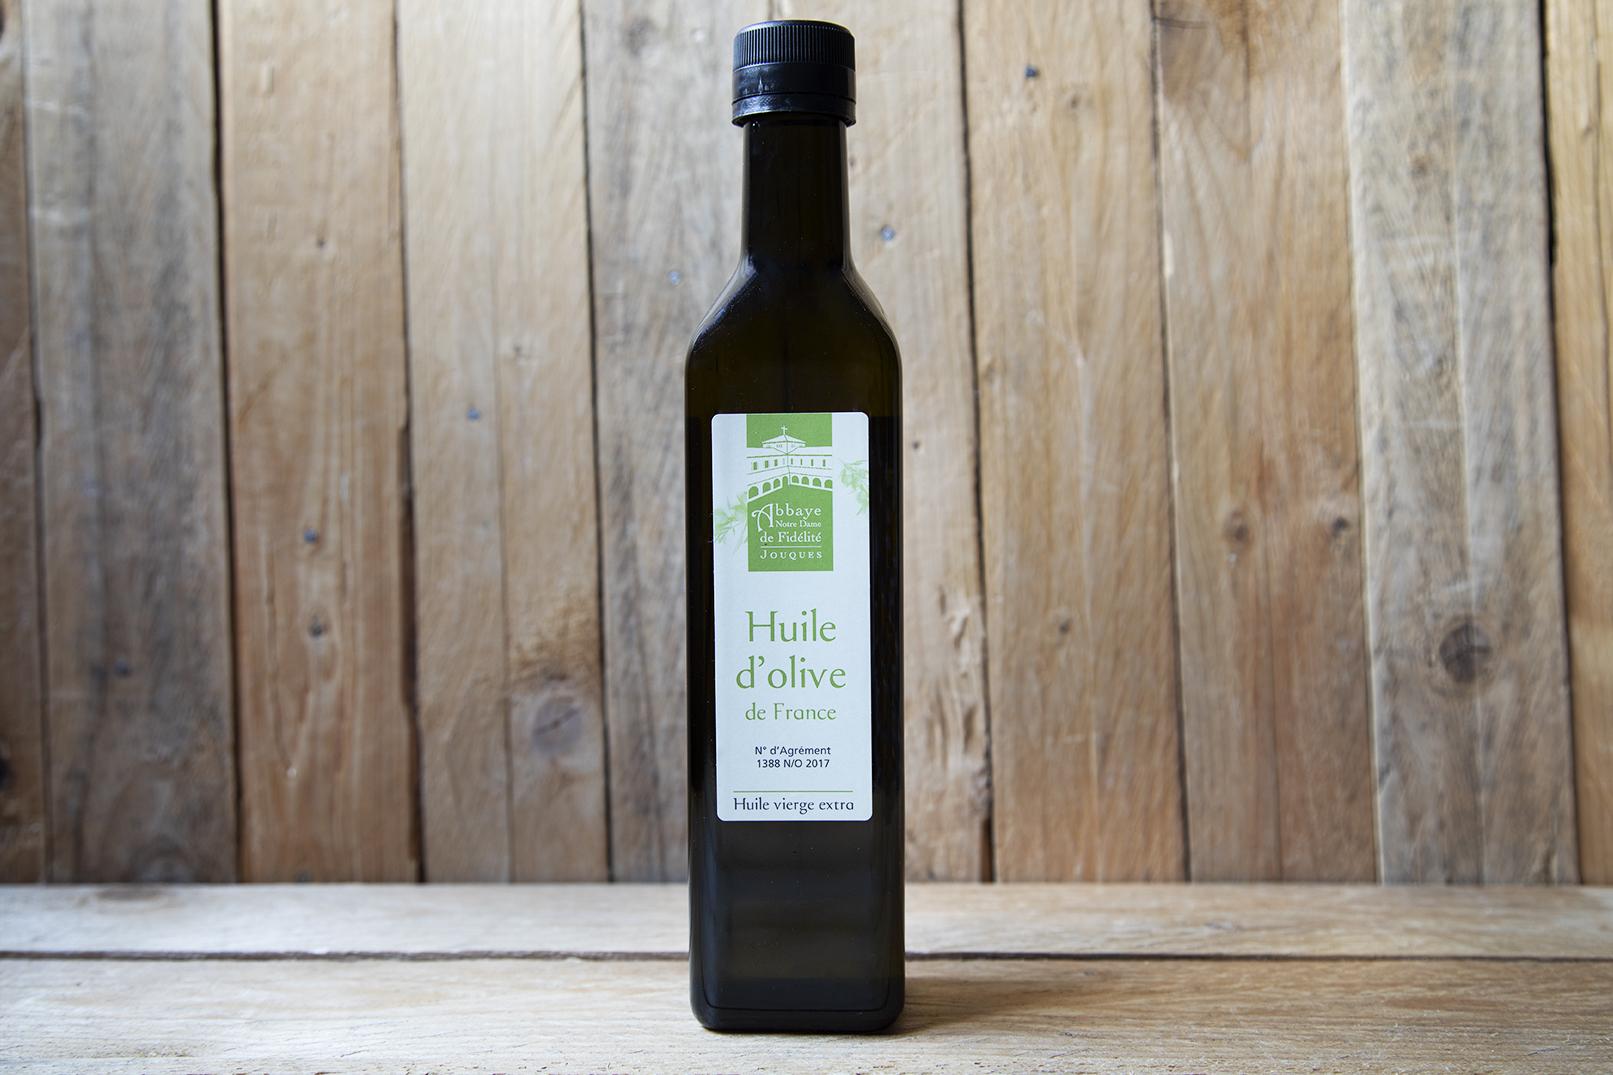 Olio di oliva di Francia